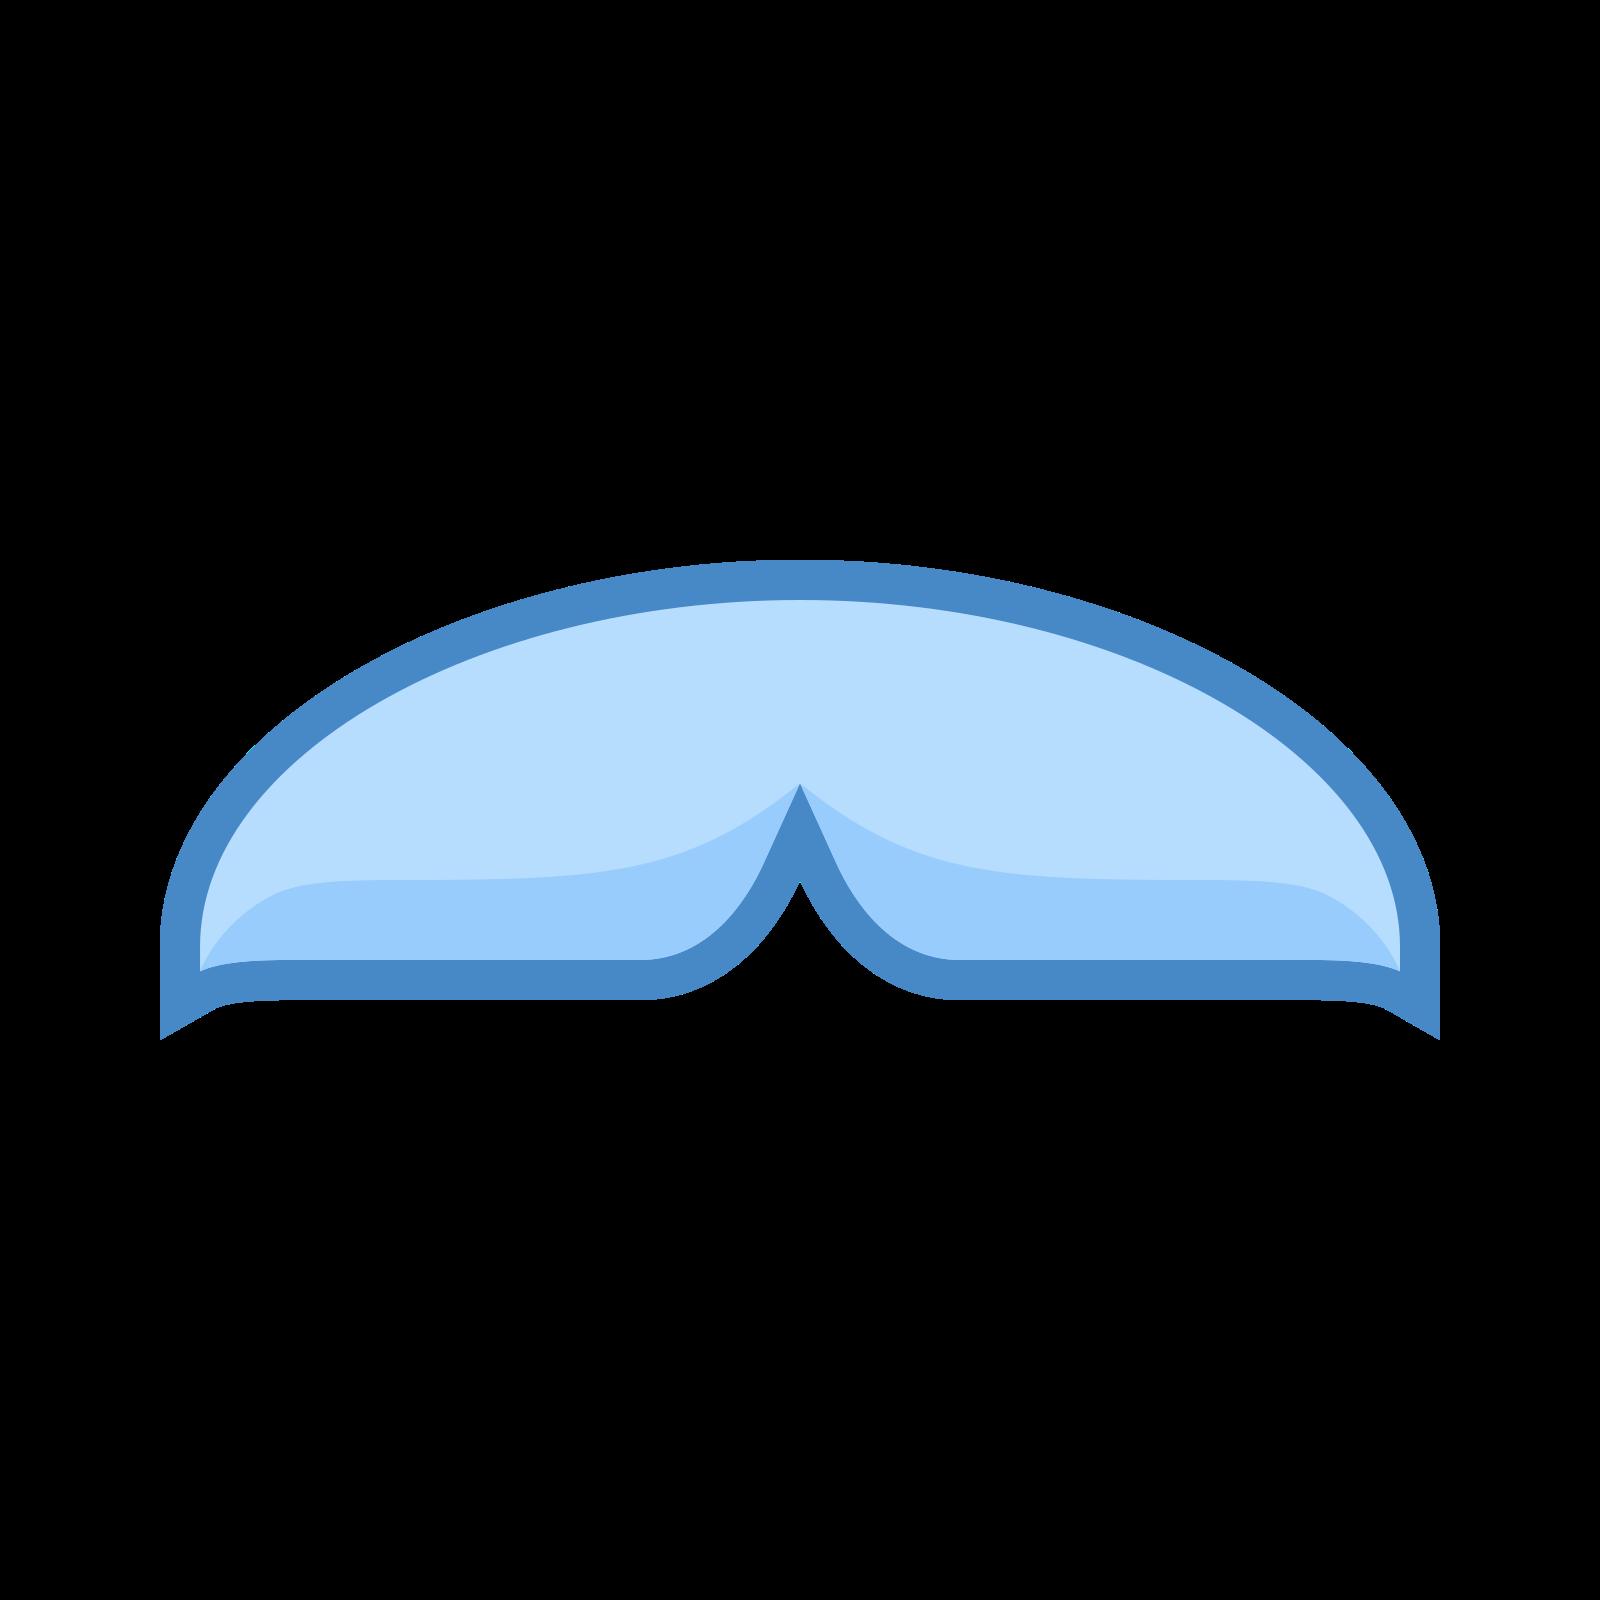 Chevron Mustache icon